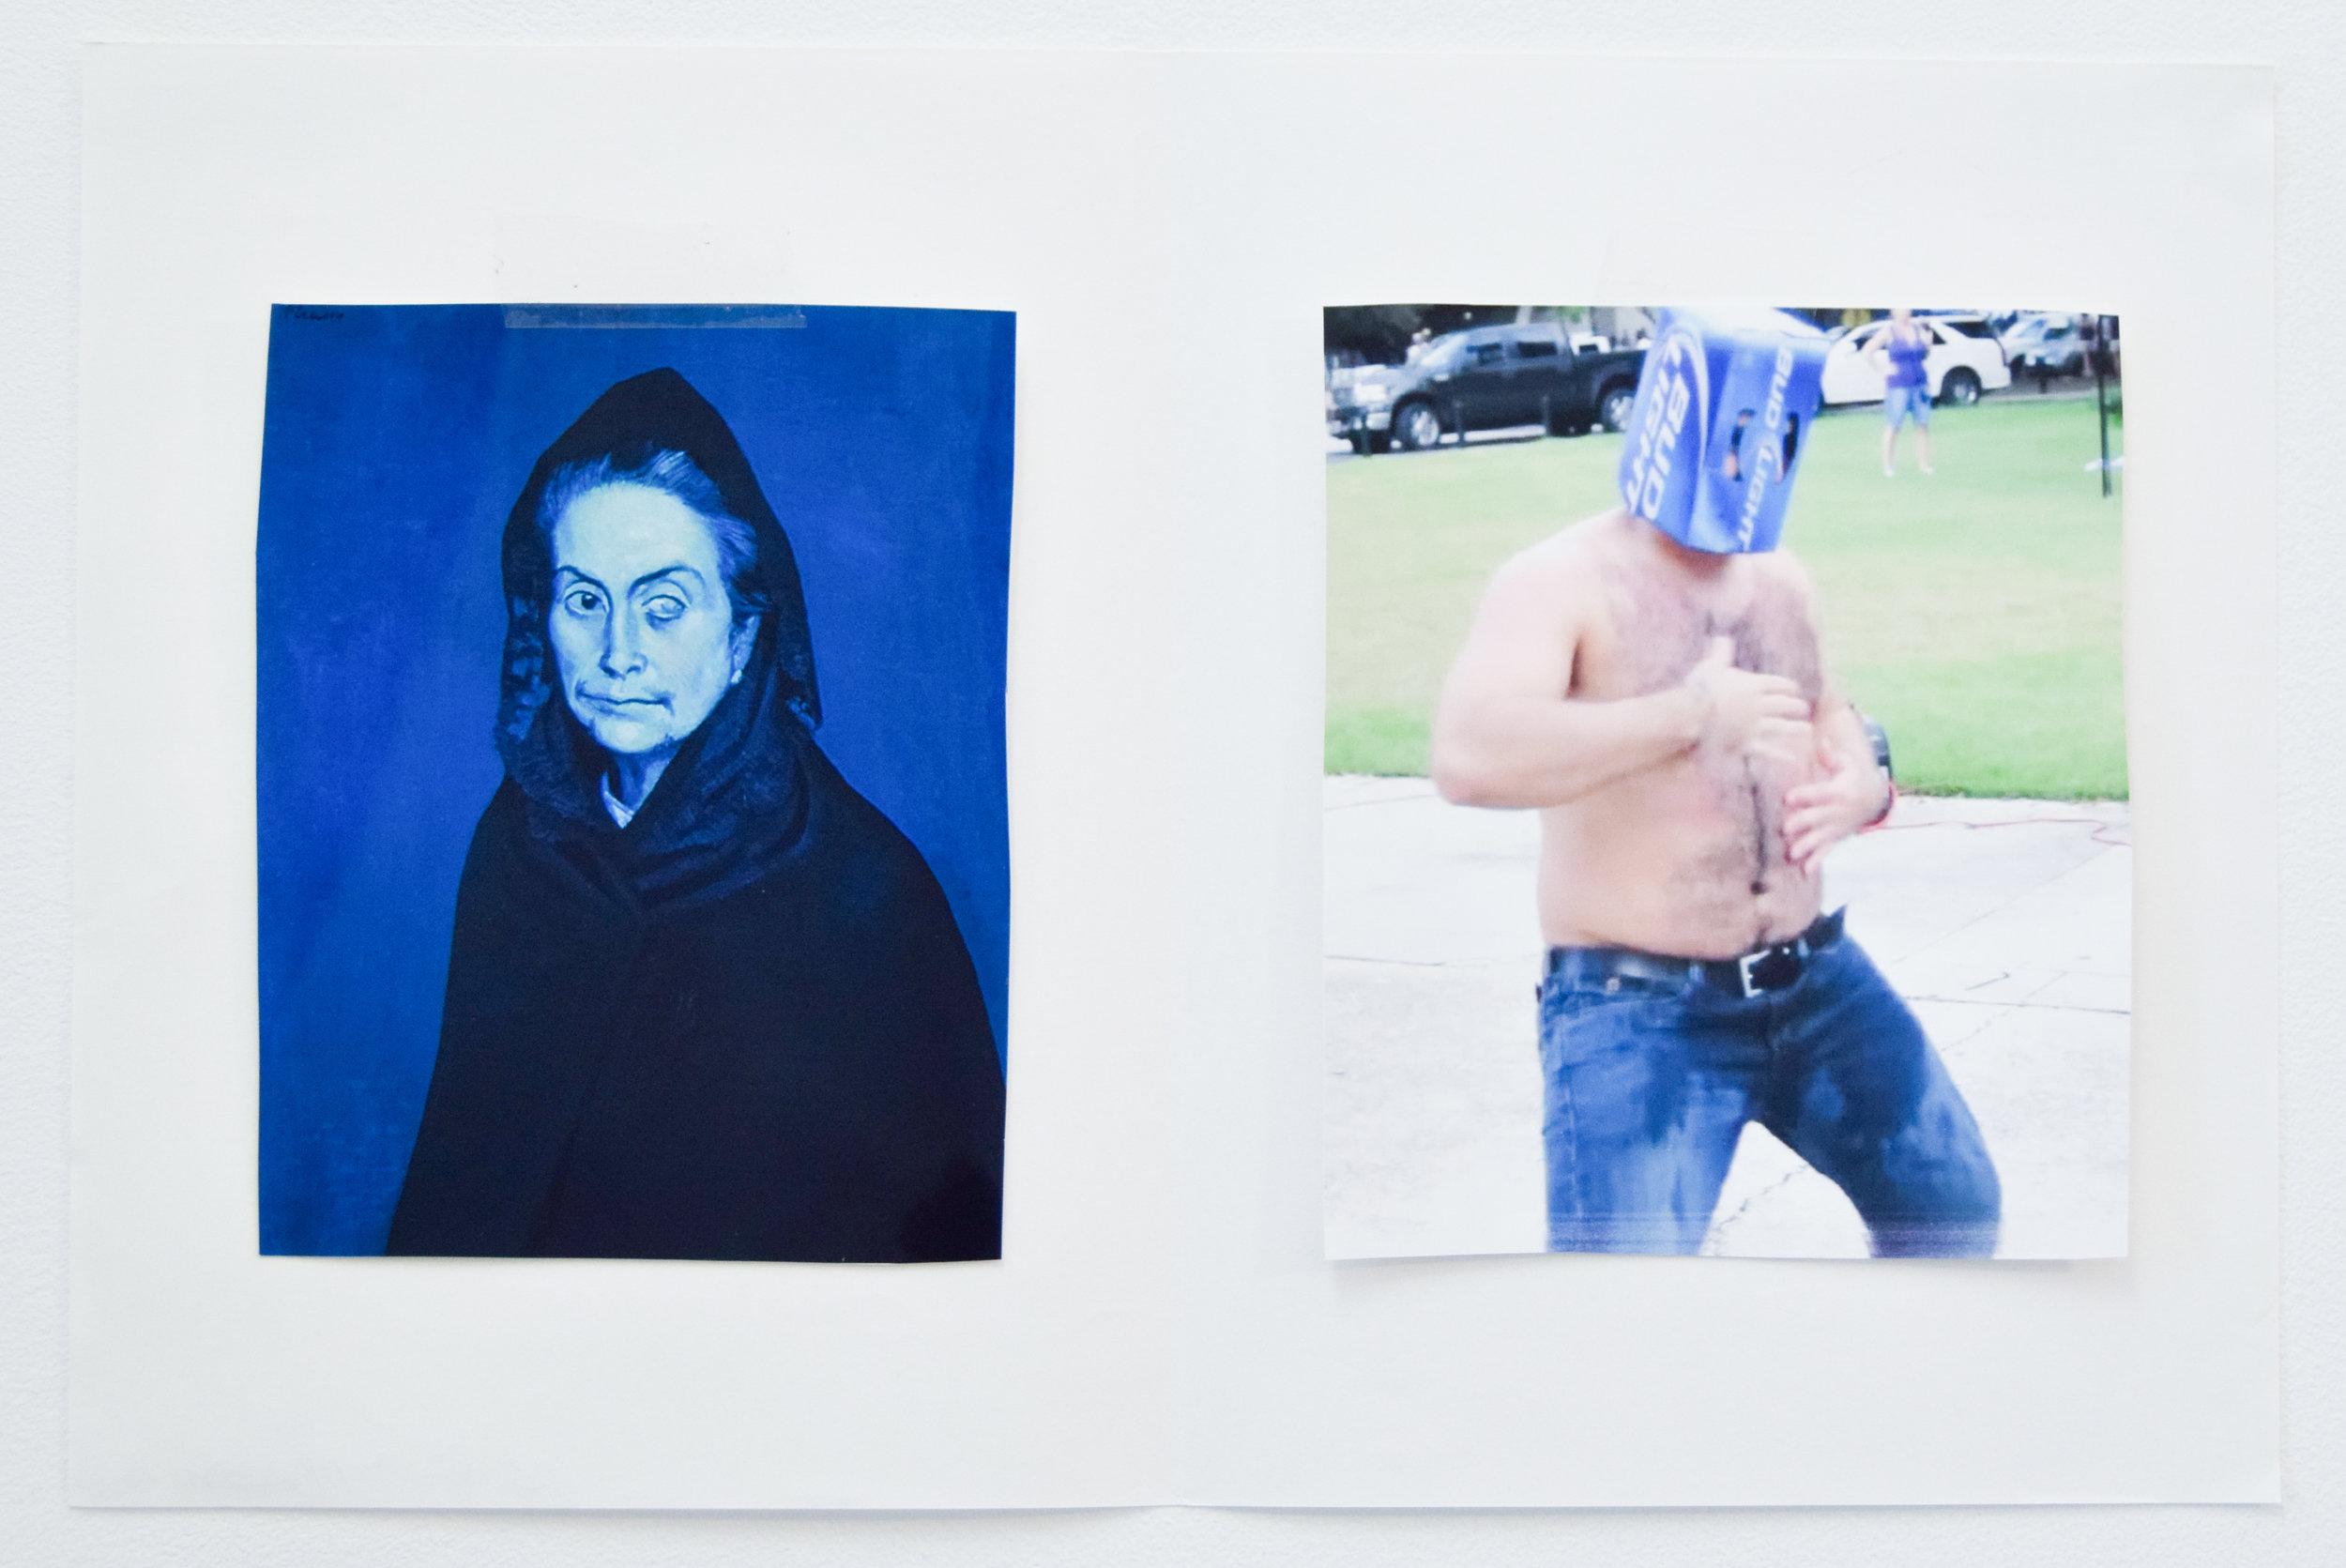 Comparison 89,  Al Freeman, 12.5 x 19 inches, 31.8 x 48.3 centimeters